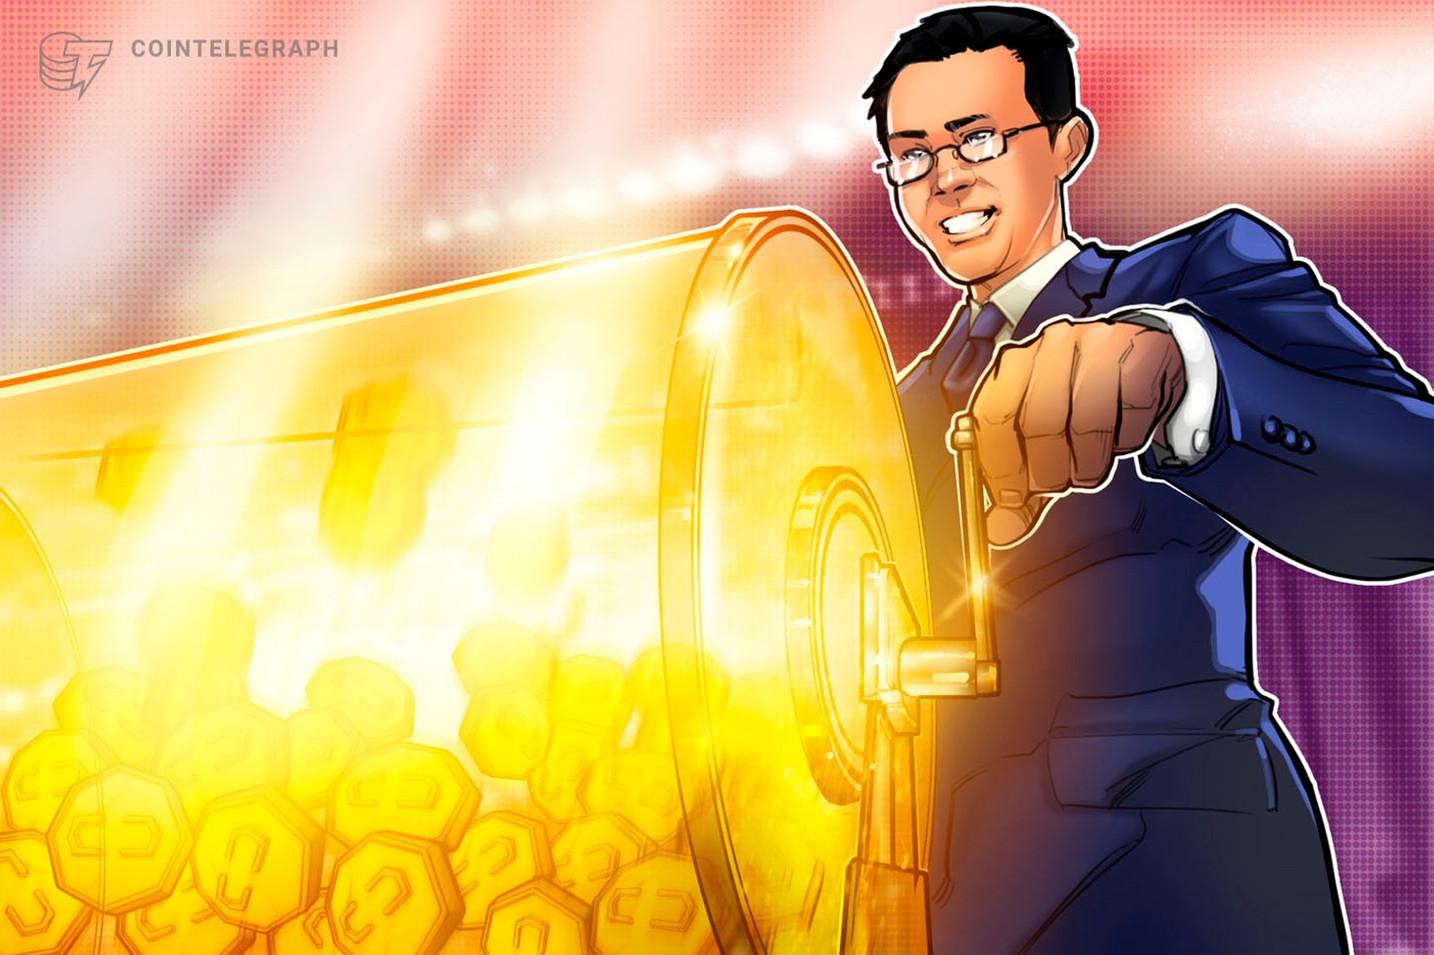 【速報】バイナンス、韓国で仮想通貨取引所開設へ